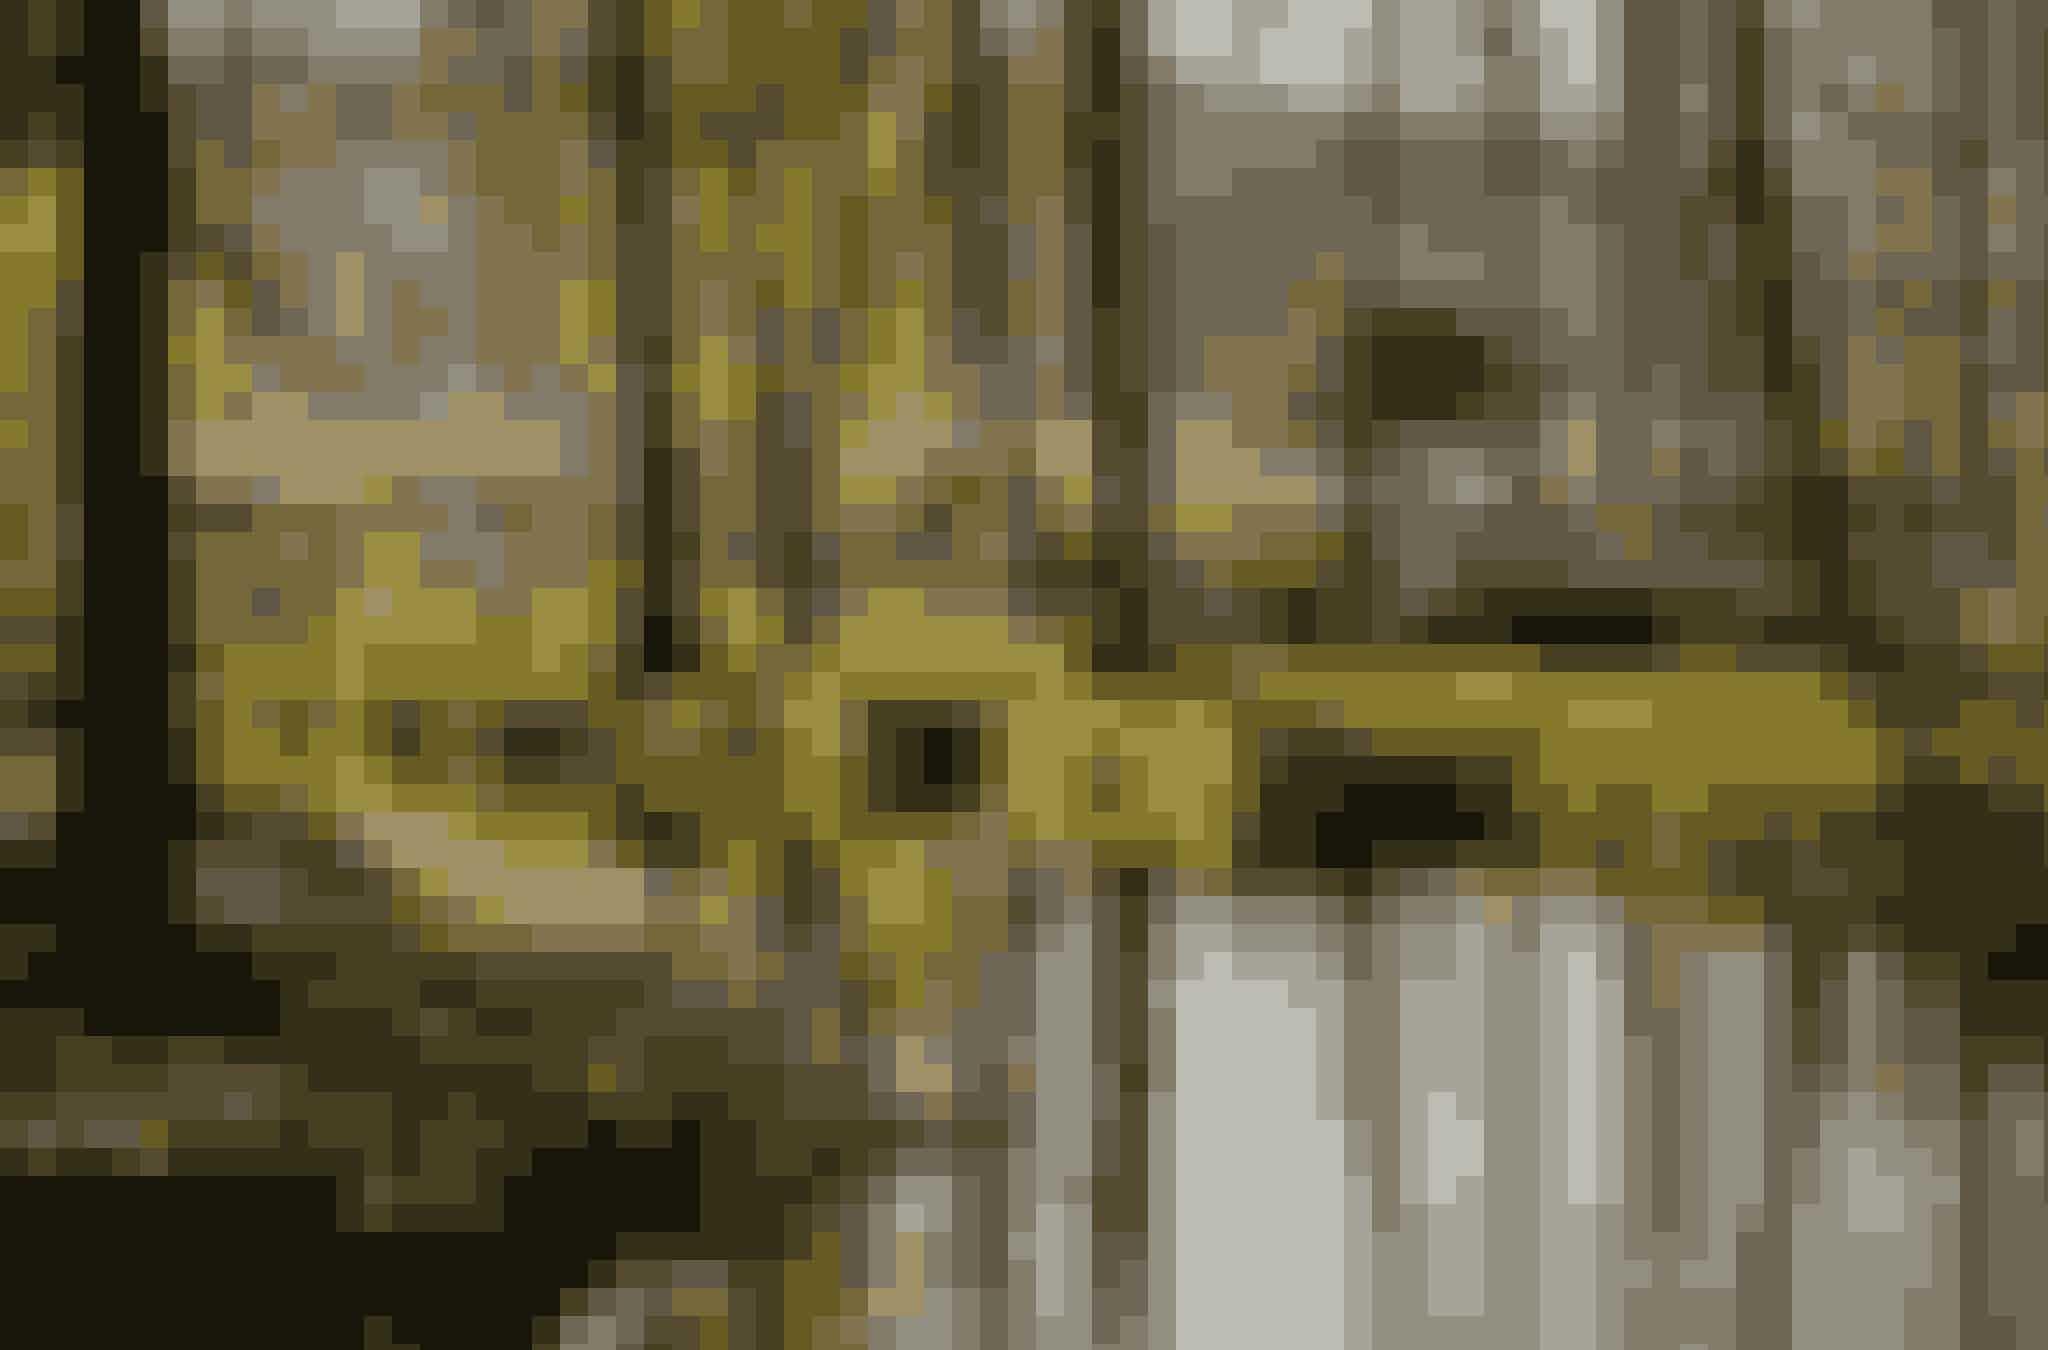 Den romantiske have Sanderumgaard, øst for Odense, har de senere år gennemgået en kæmpe forvandling og står nu så flot som i 1800-tallet, hvor bl.a. H.C. Andersen og B.S. Ingemann besøgte den fynske landskabshave. Havens areal er 15 hektar med de originale hytter Tankefuld og Sommerlyst, hvor man kan læse om stedets historie, samt et større kanalsystem på ca. to kilometer, der samler øer, plæner, rosenhaver og park.  Kørestolsbrugere kan færdes på de store stier, og man må gerne medbringe egen picnic i haven og hunde i snor – og med hundepose. Entréen koster 60 kroner og betales med MobilePay ved indgangen. Alle indtægter går ubeskåret til vedligeholdelse. Haven er åben tirsdag-søndag kl. 11-17.